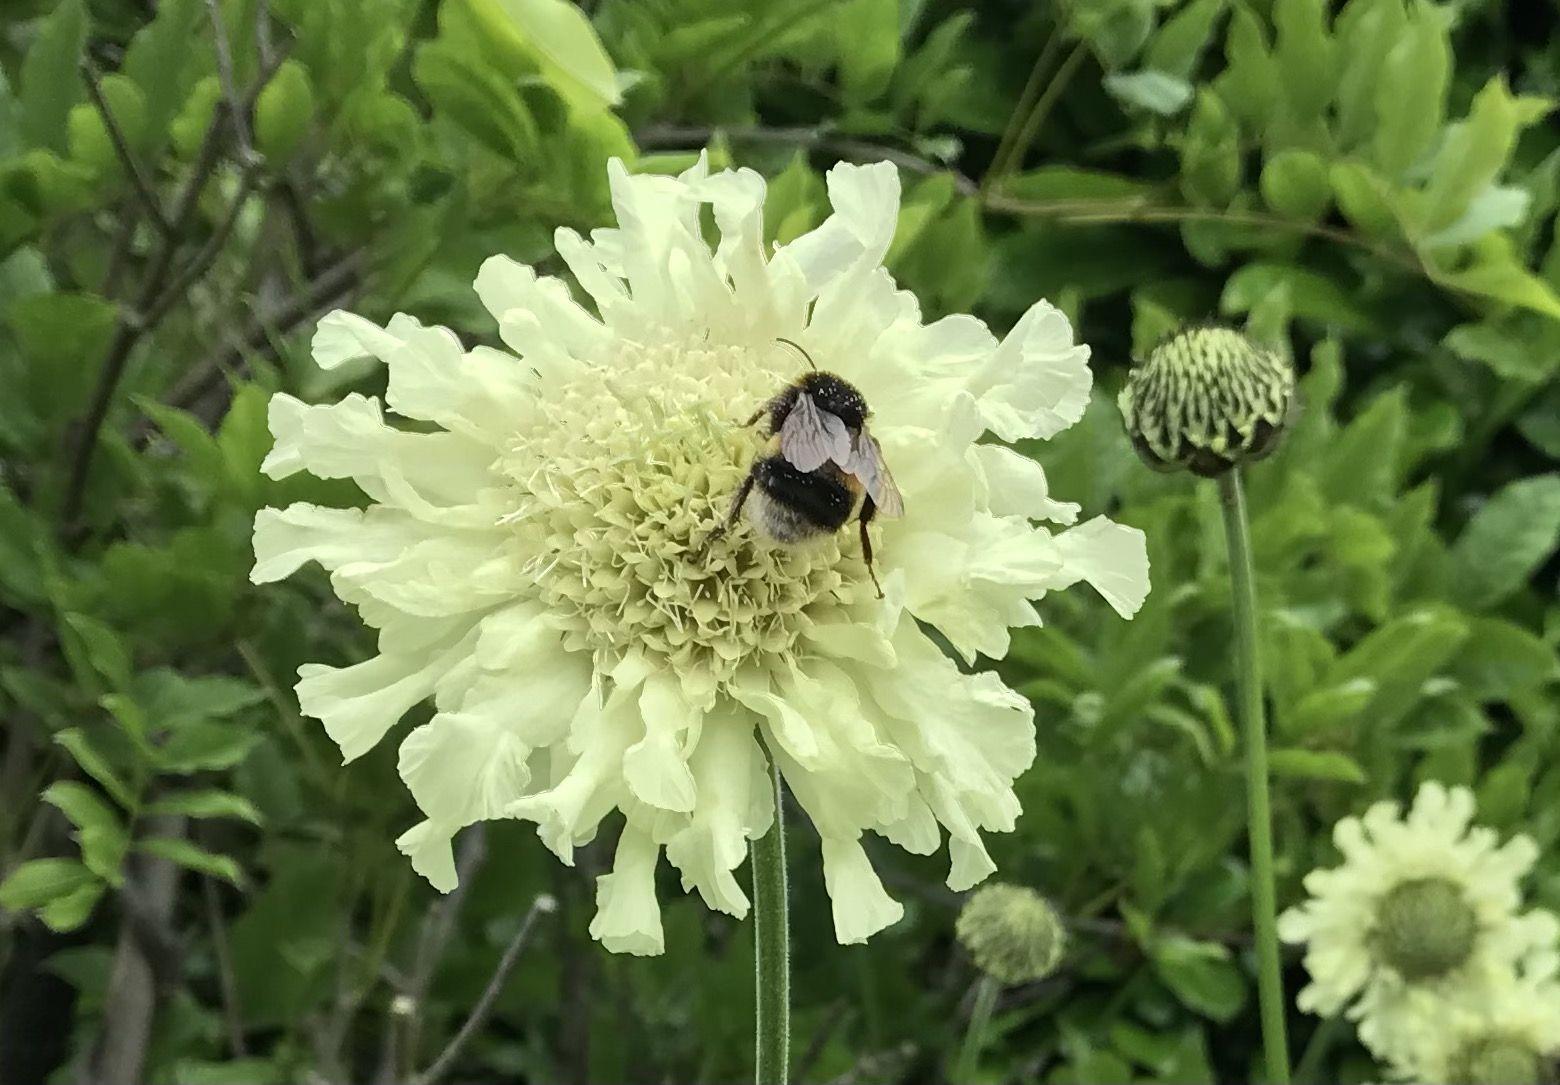 Shiton Bee